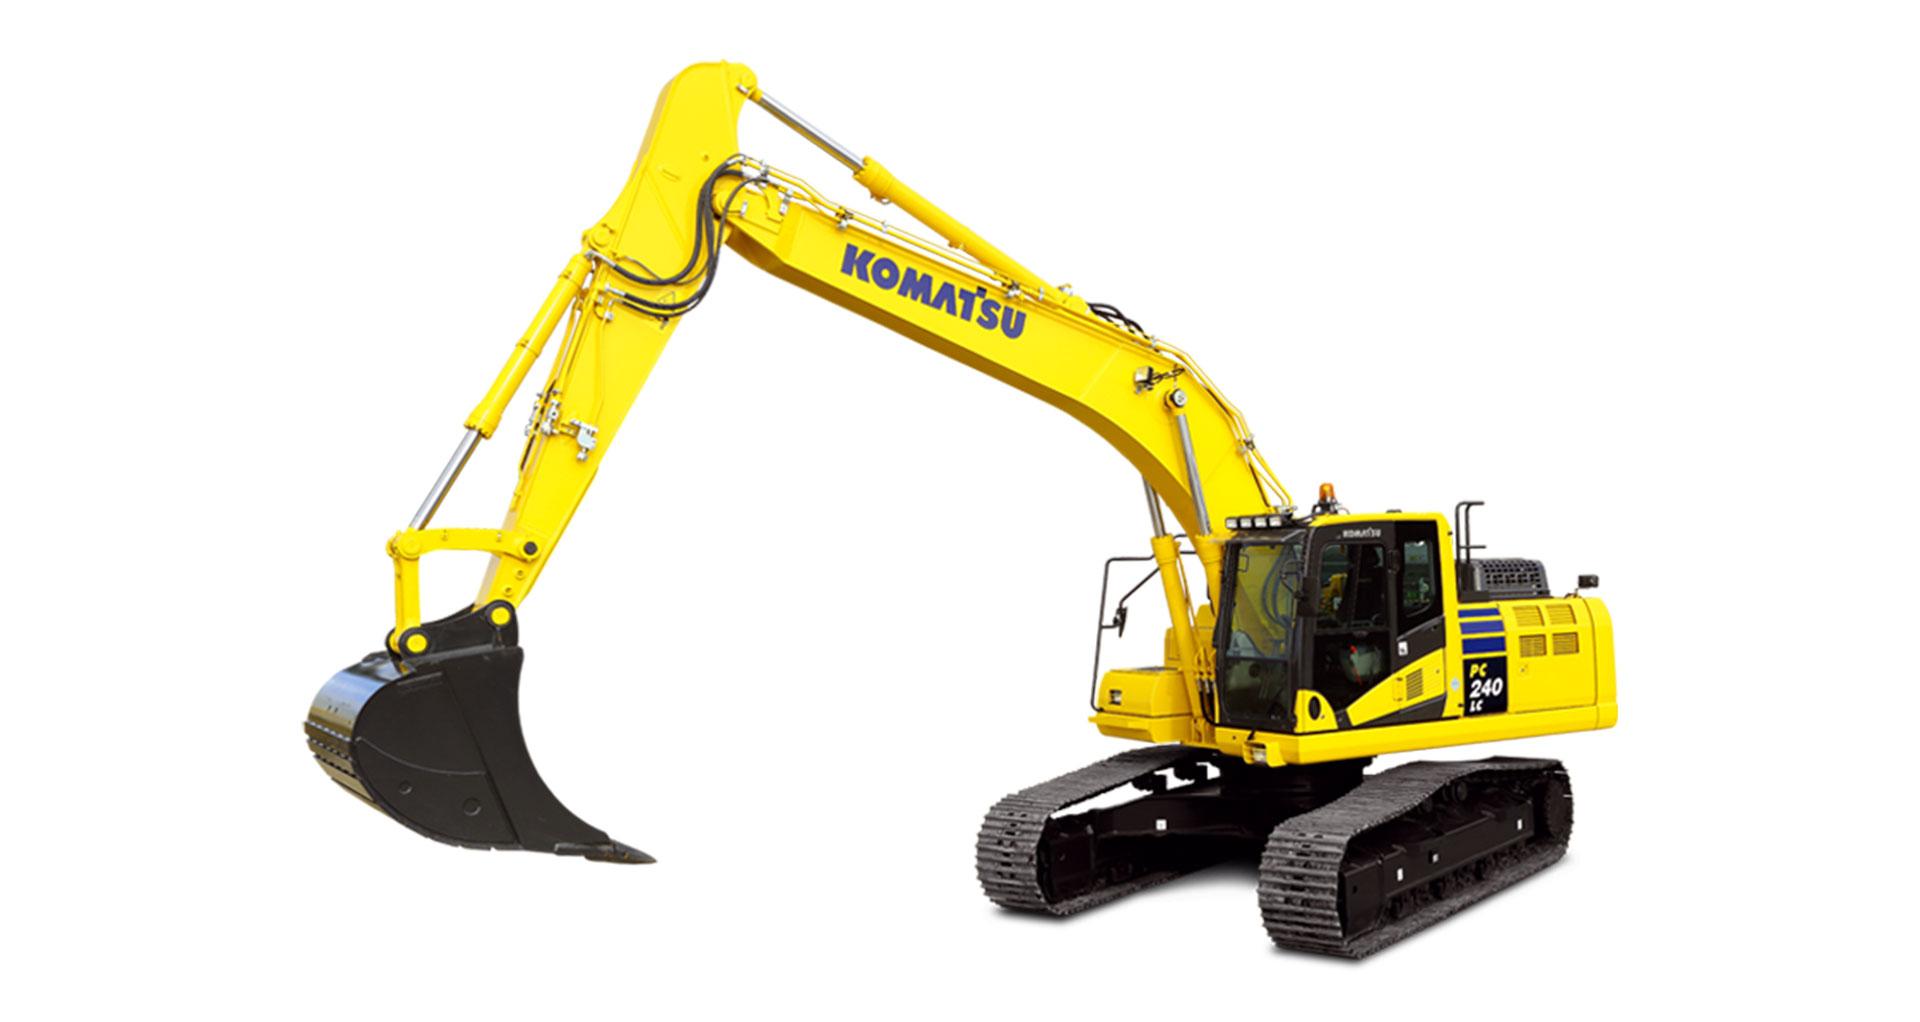 Escavatore cingolato Komatsu PC240LC/NLC-11